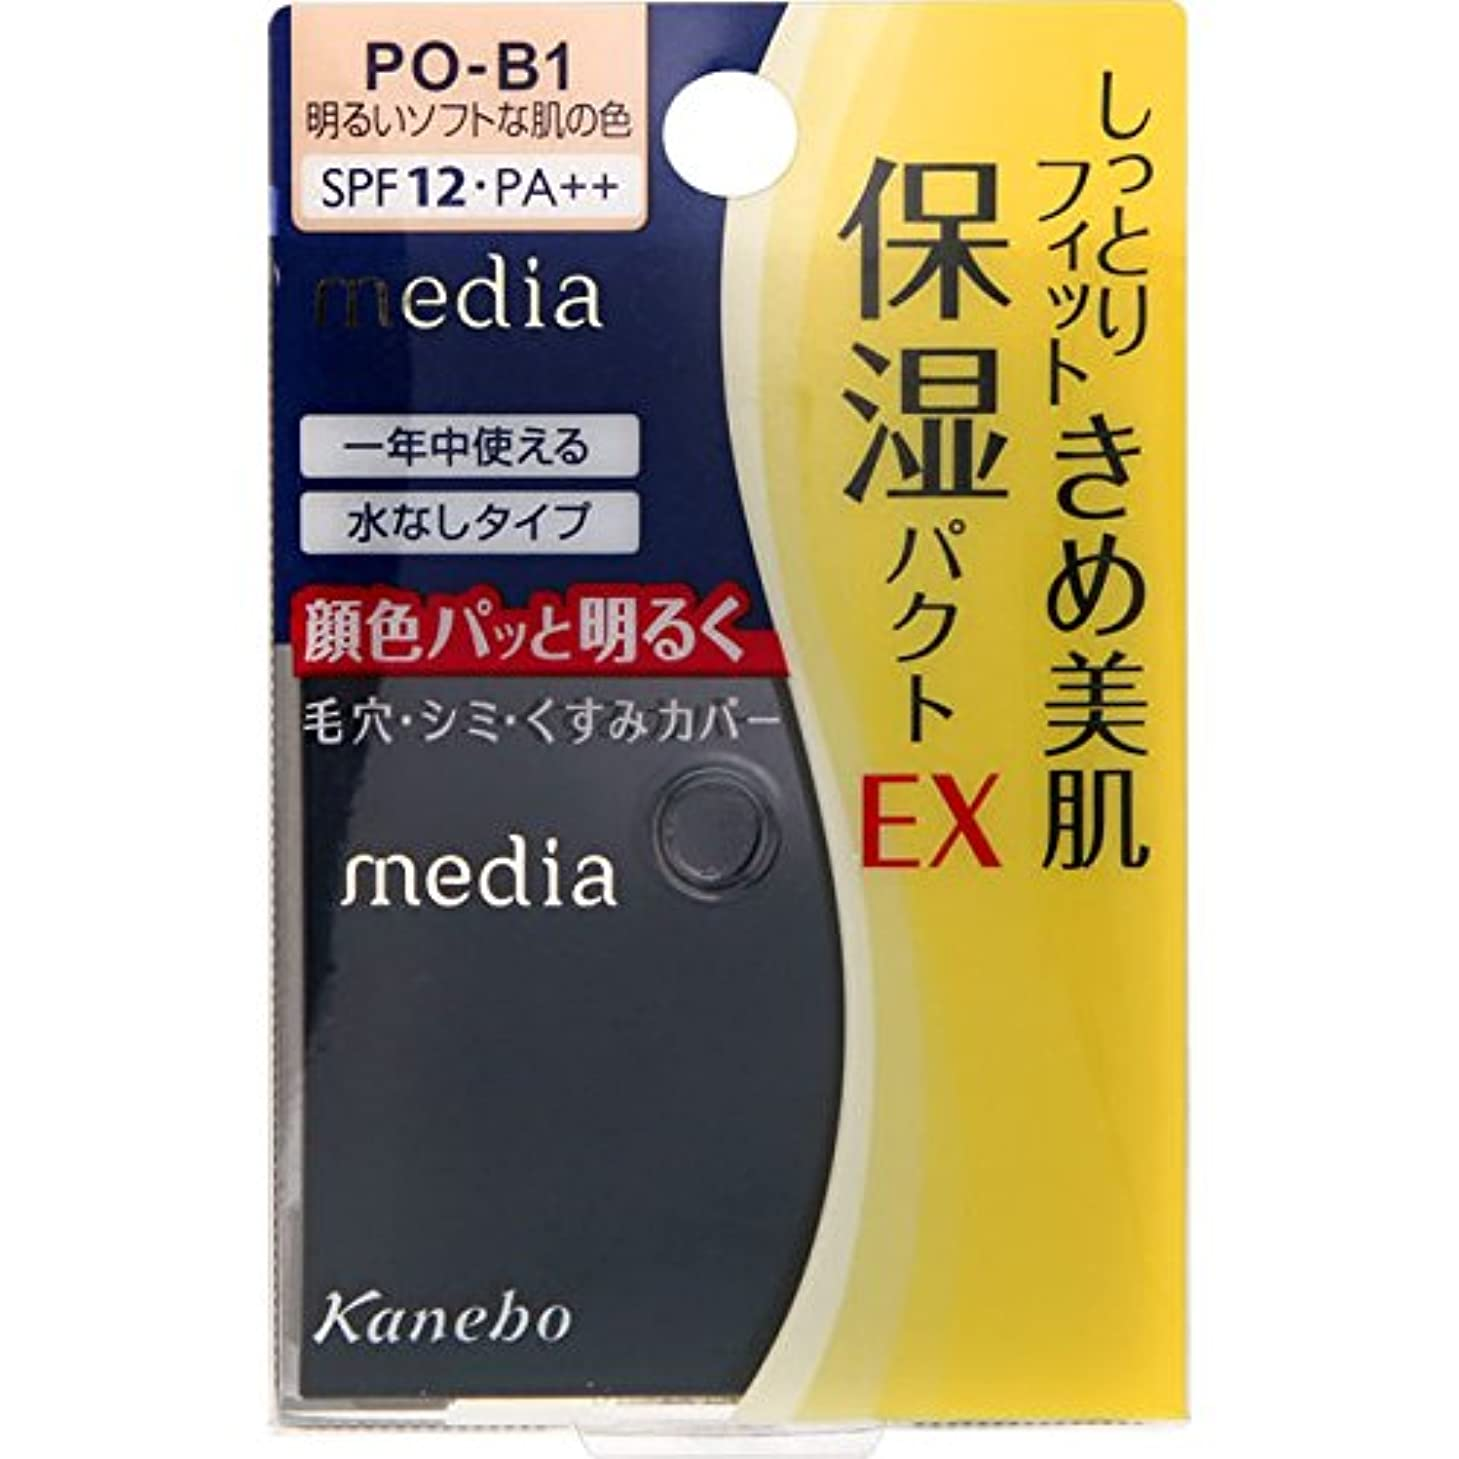 のりガム里親カネボウ メディア モイストフィットパクトEX PO-B1(11g)